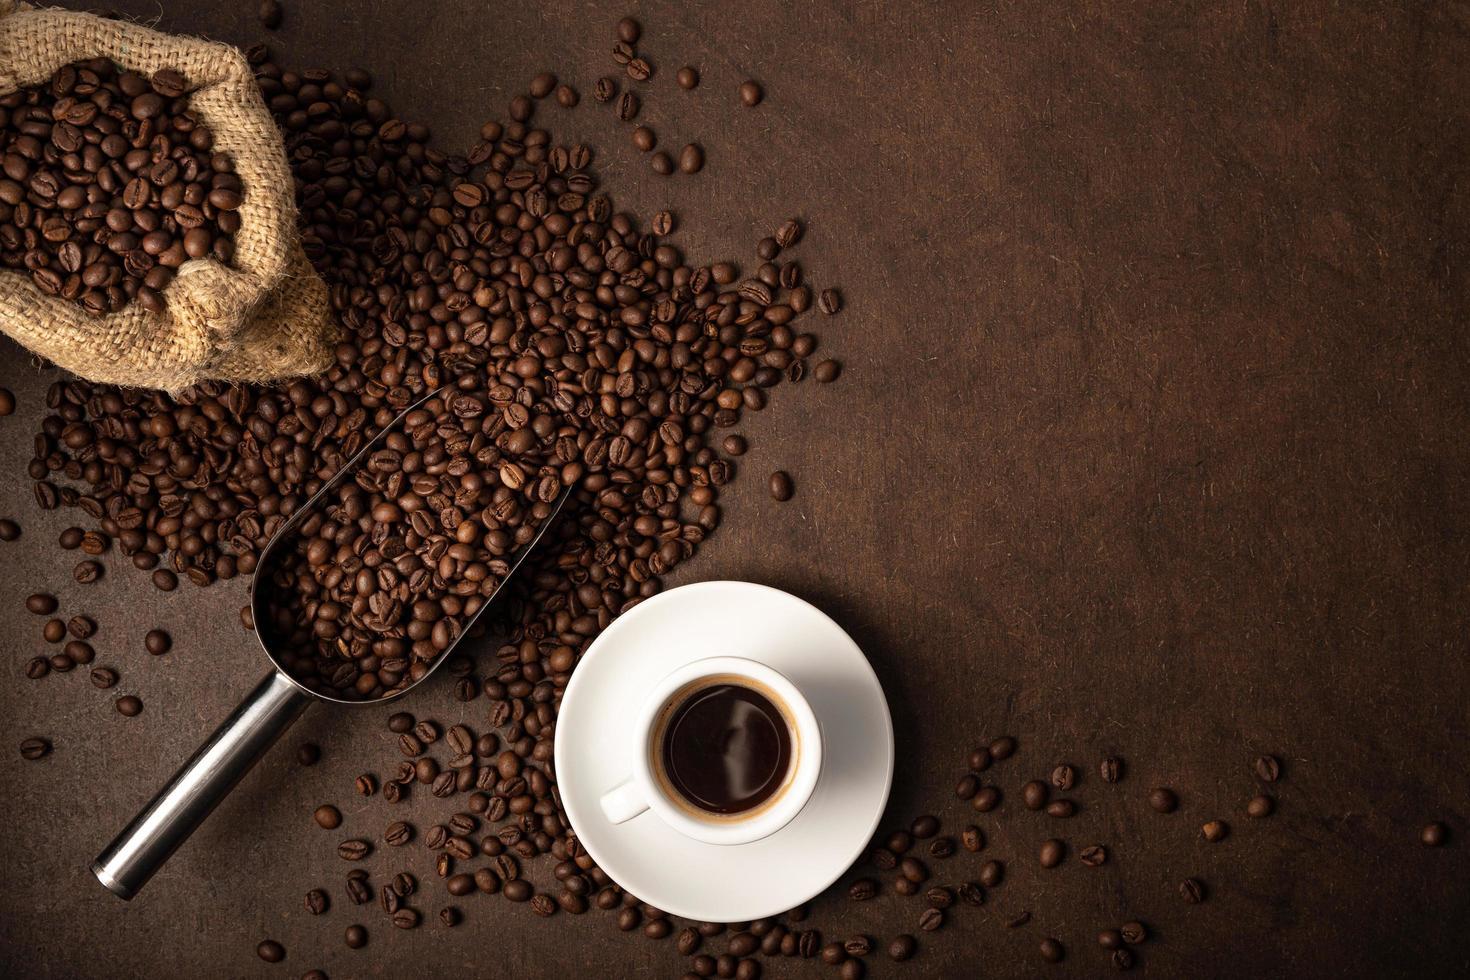 taza de café y cuchara sobre fondo marrón foto